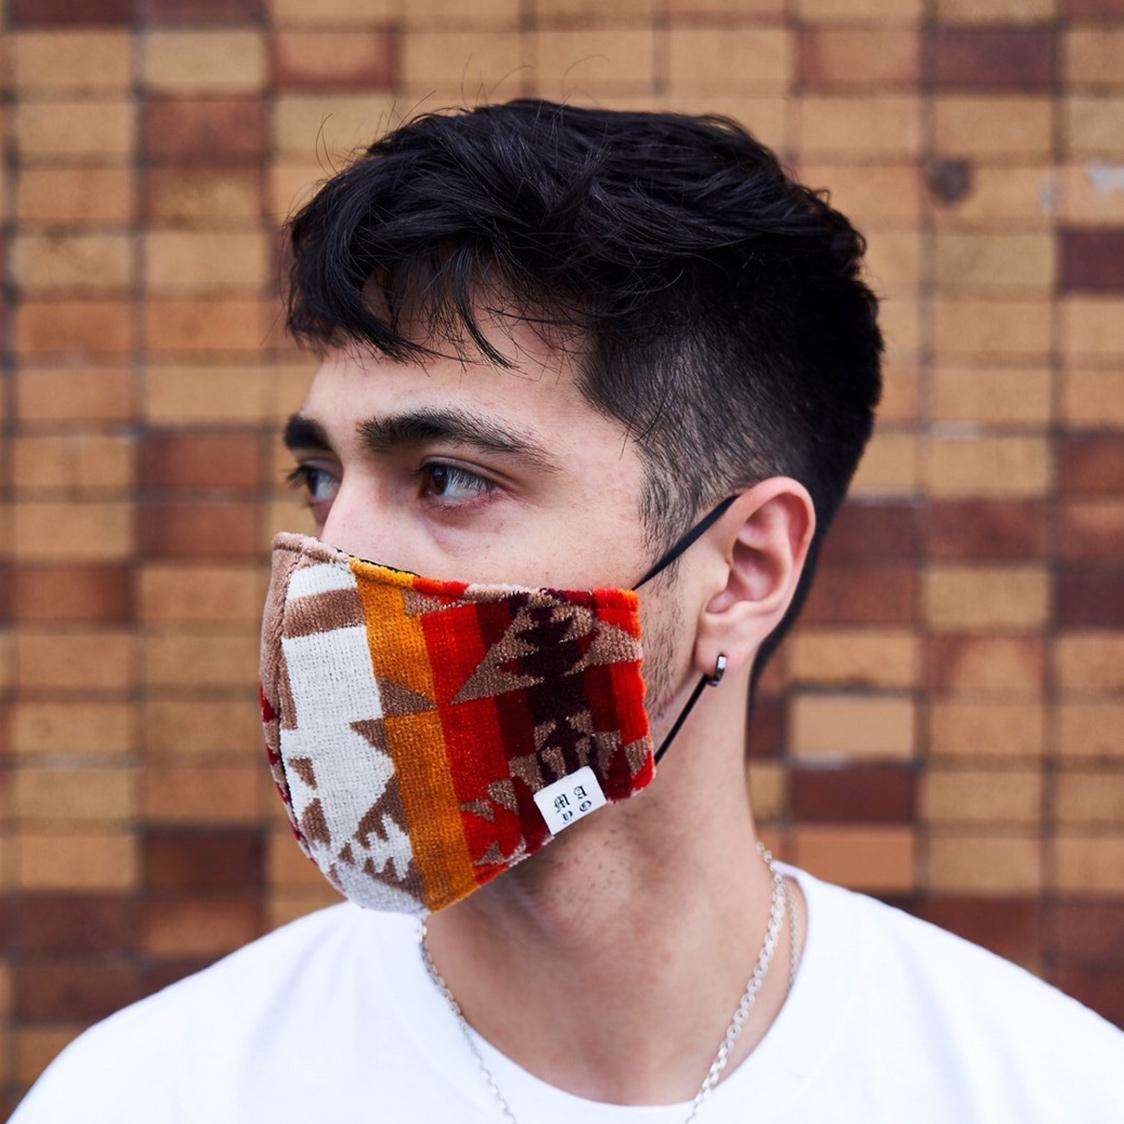 新品 MAYO メイヨー Rebuilding mask pendleton 再構築 ペンドルトン マスク ブラウン